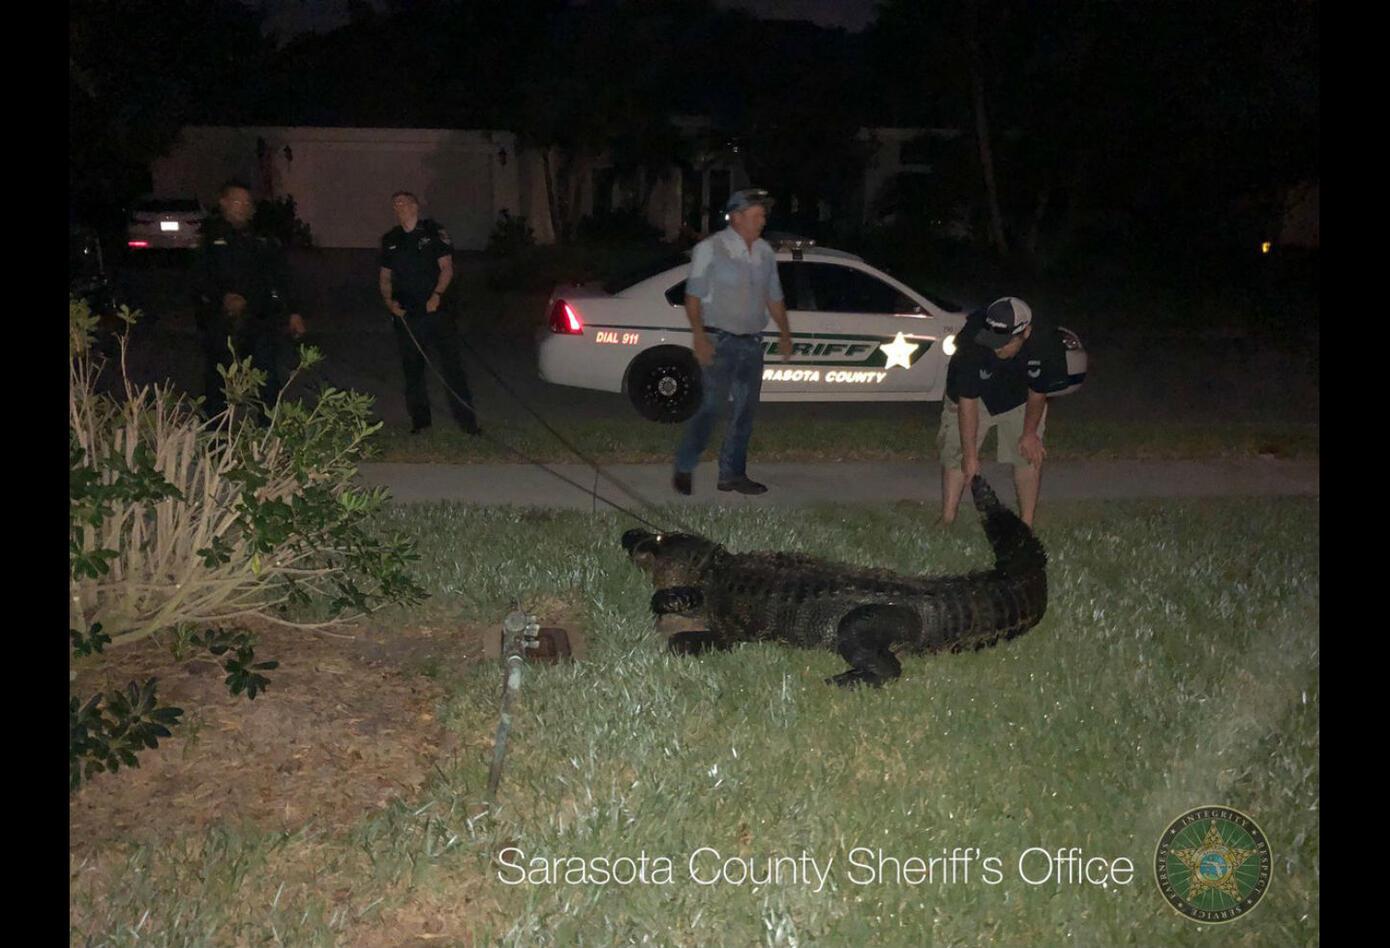 Policías llegaron a sacar a un cocodrilo de una piscina en Florida